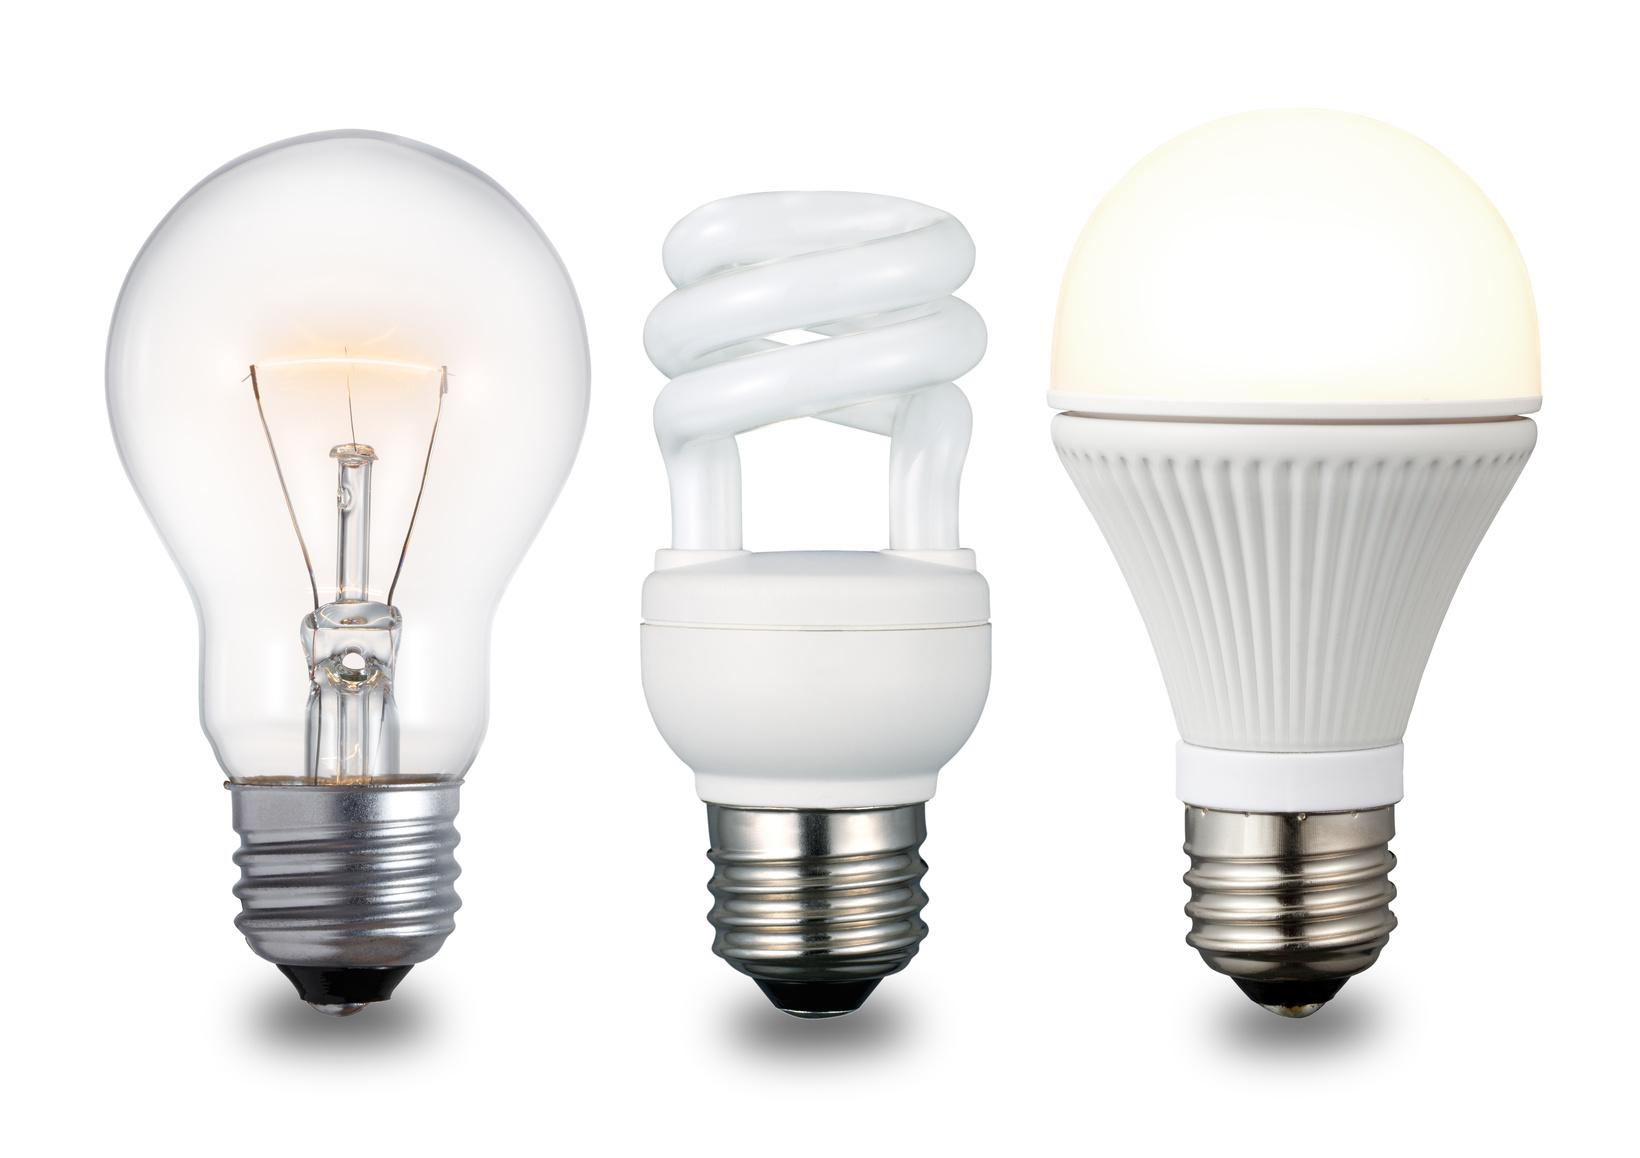 白熱電球のLED化でどれほど電気代が節約できるか計算してみた